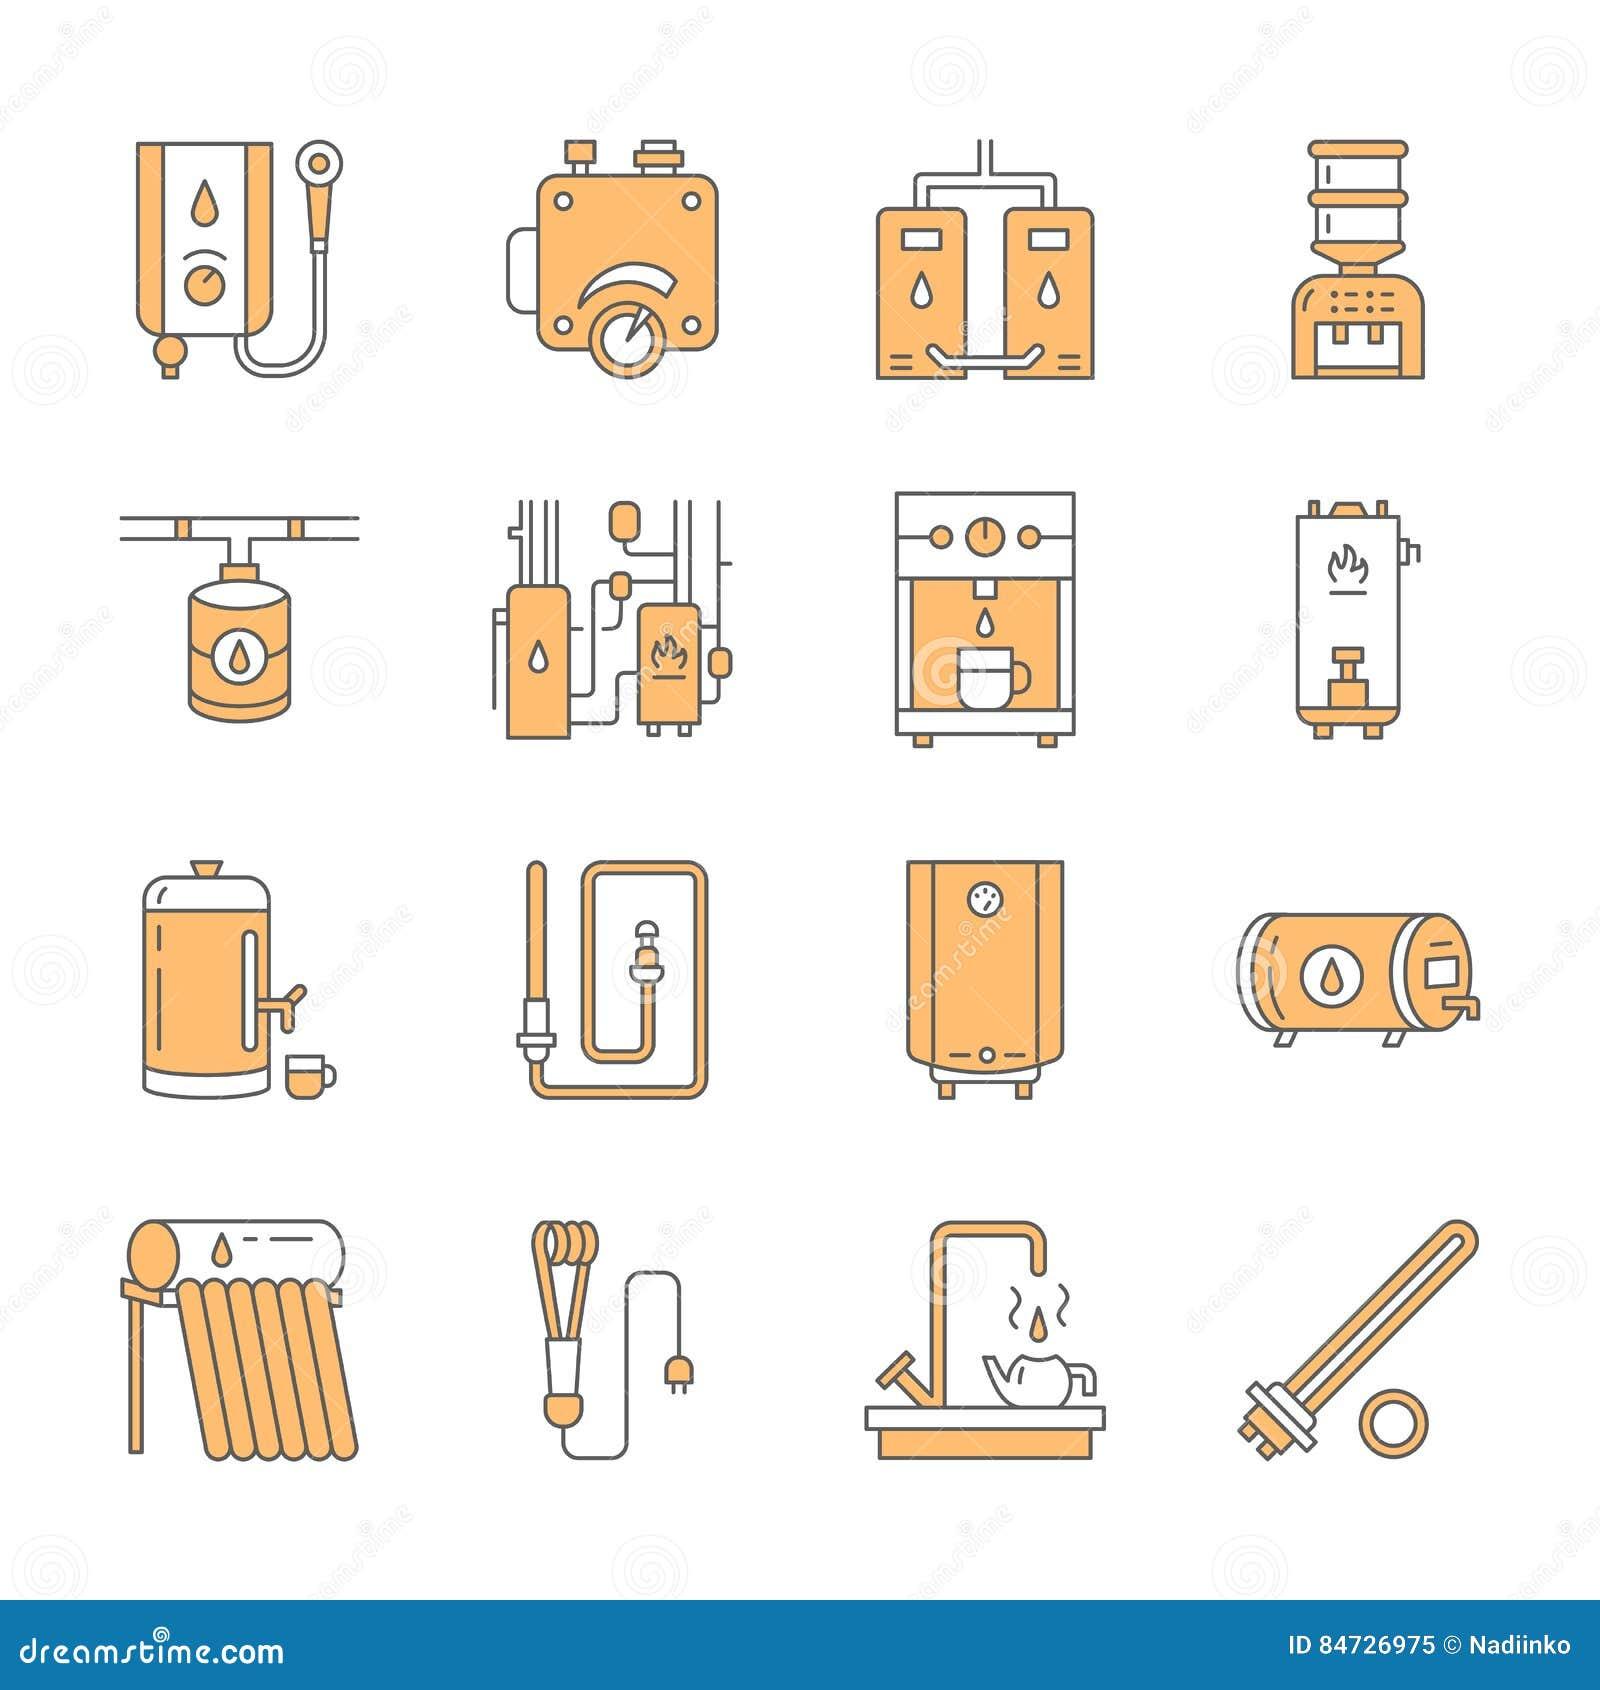 Le chauffe-eau, la chaudière, le thermostat, électriques, gaz, appareils de chauffage solaires et tout autre équipement de chauff